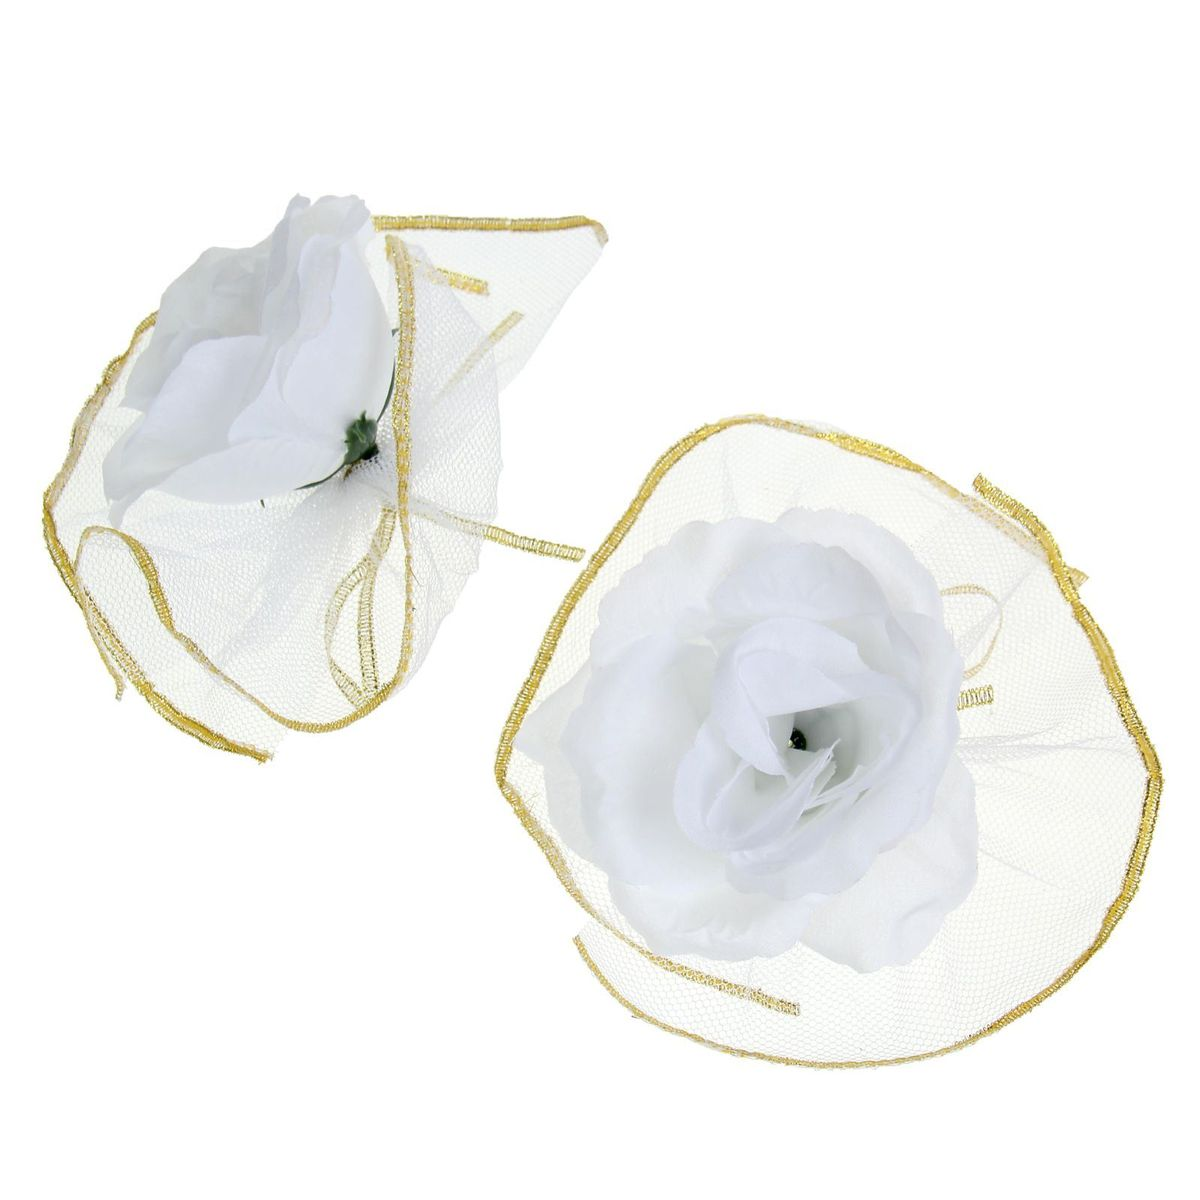 Набор белых роз для украшения свадебного авто Sima-land, 9 x 12 x 3,5 смNLED-454-9W-BKЧудесный набор для декора свадебного автомобиля состоит из двух цветов на лентах в окружении пышной белой оборки. Украсьте с его помощью ручки машины, зеркала или капот. Также это набор можно использовать для оформления зала и свадебных бокалов, что поможет создать неповторимую атмосферу праздника.Дарите радость себе и близким с красивыми аксессуарами.